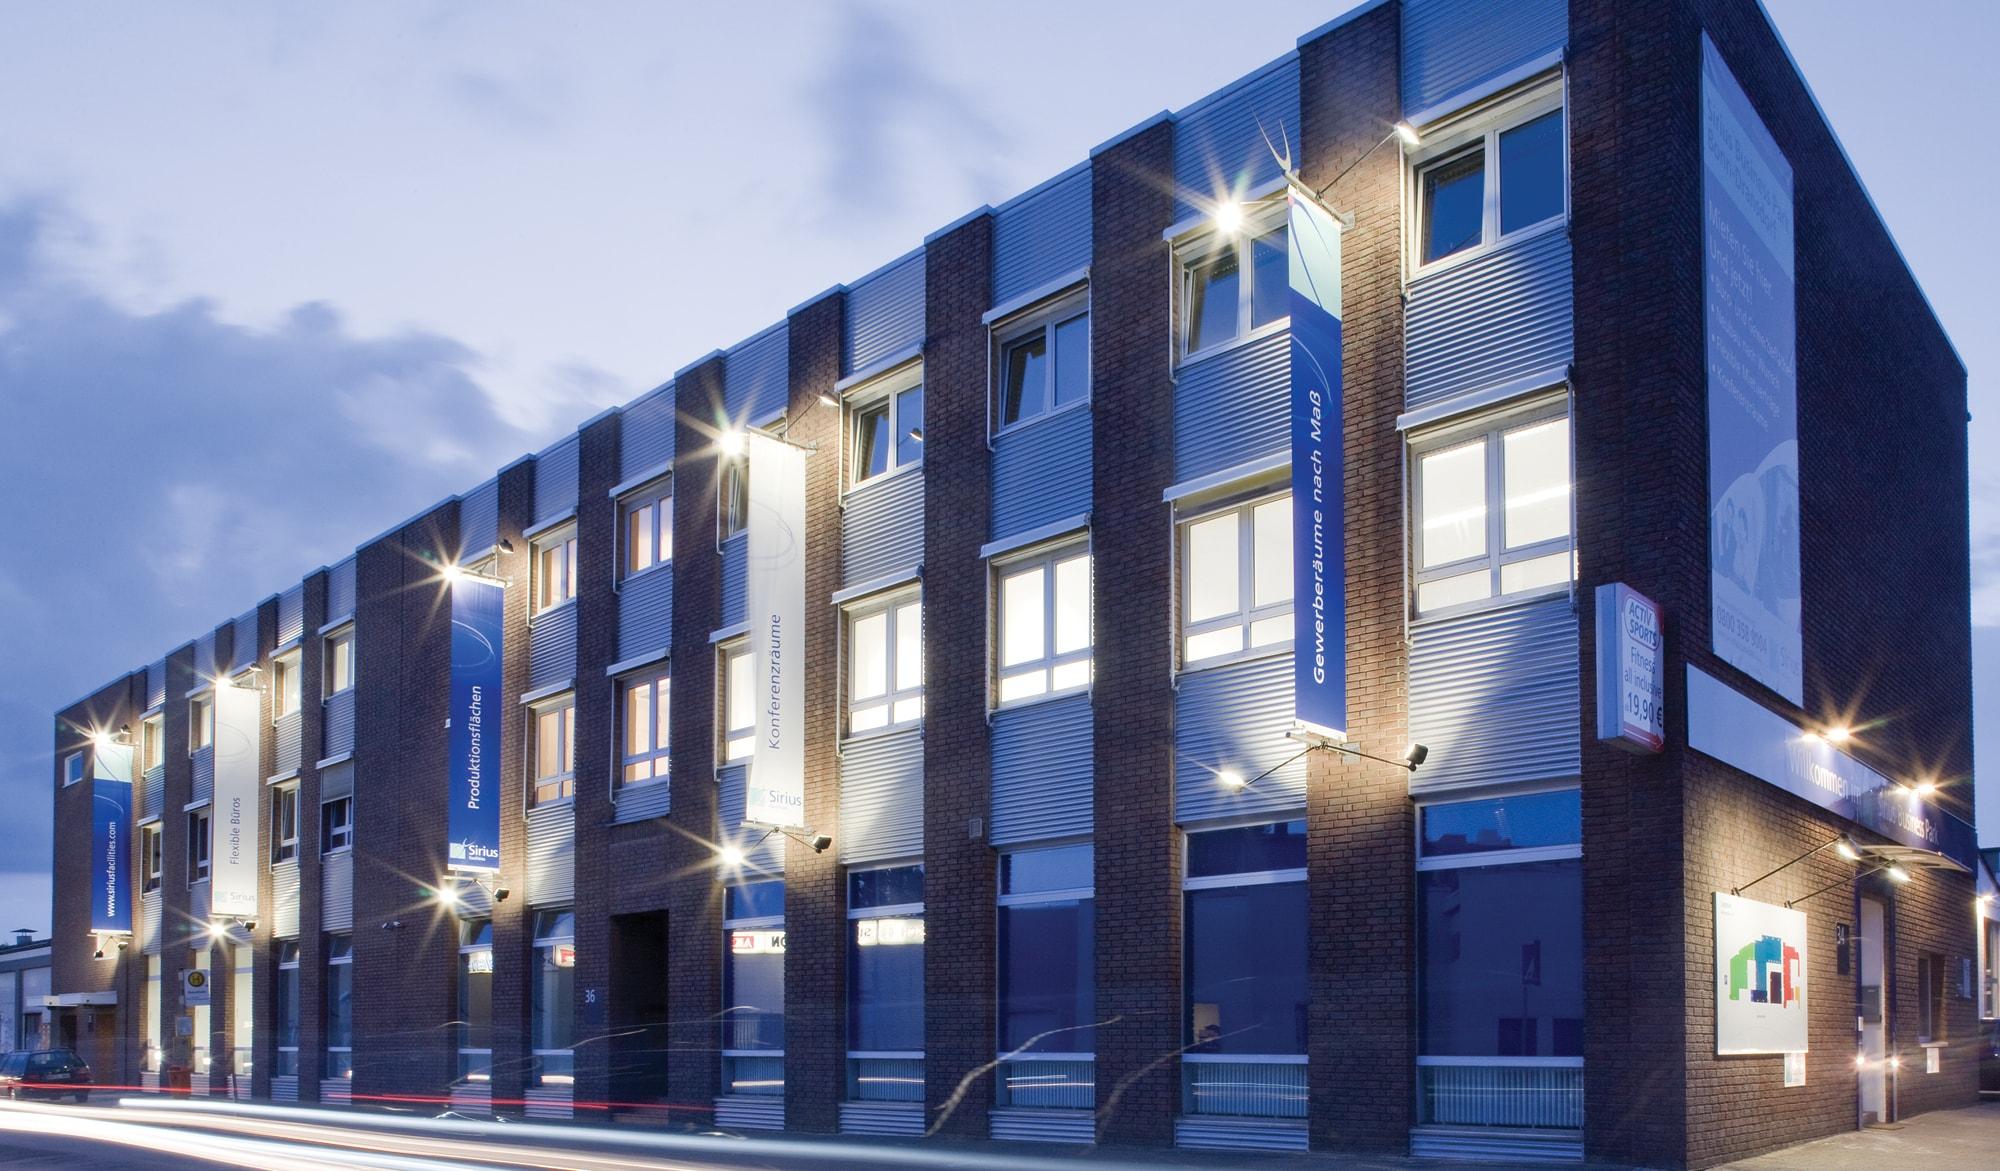 Sirius Facilities external building signage